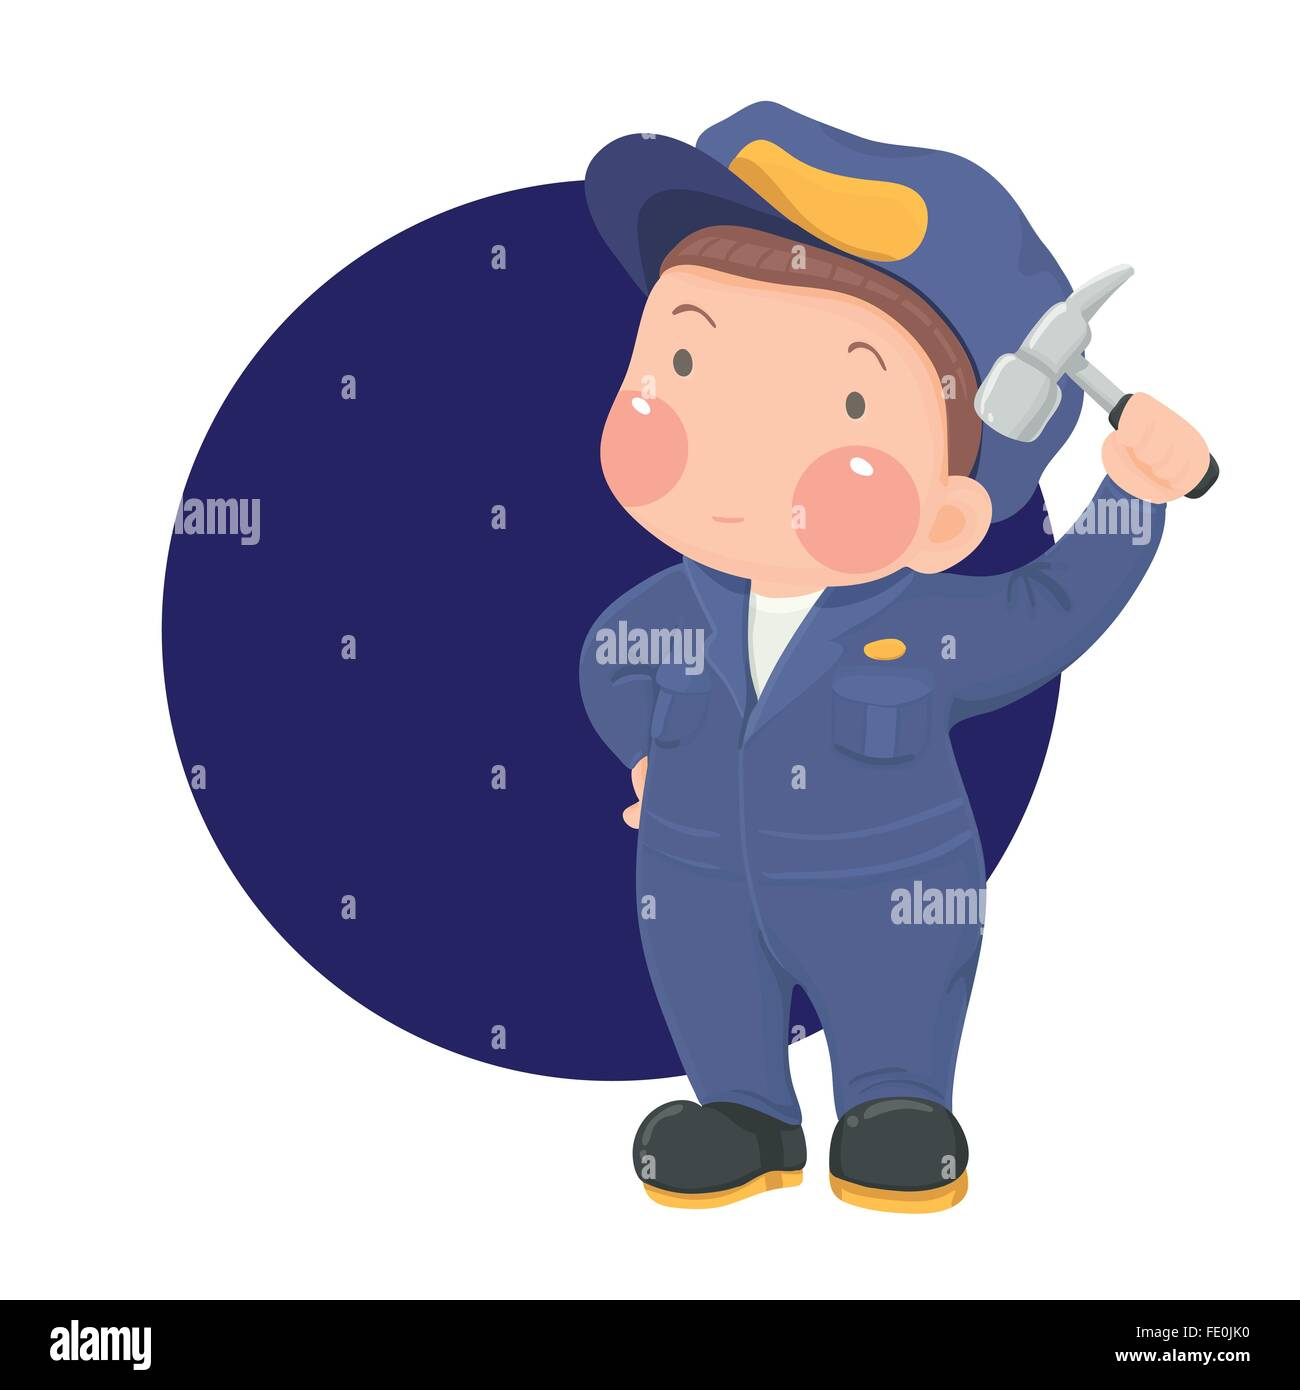 Elemento di illustrazione personaggio dei cartoni animati blu